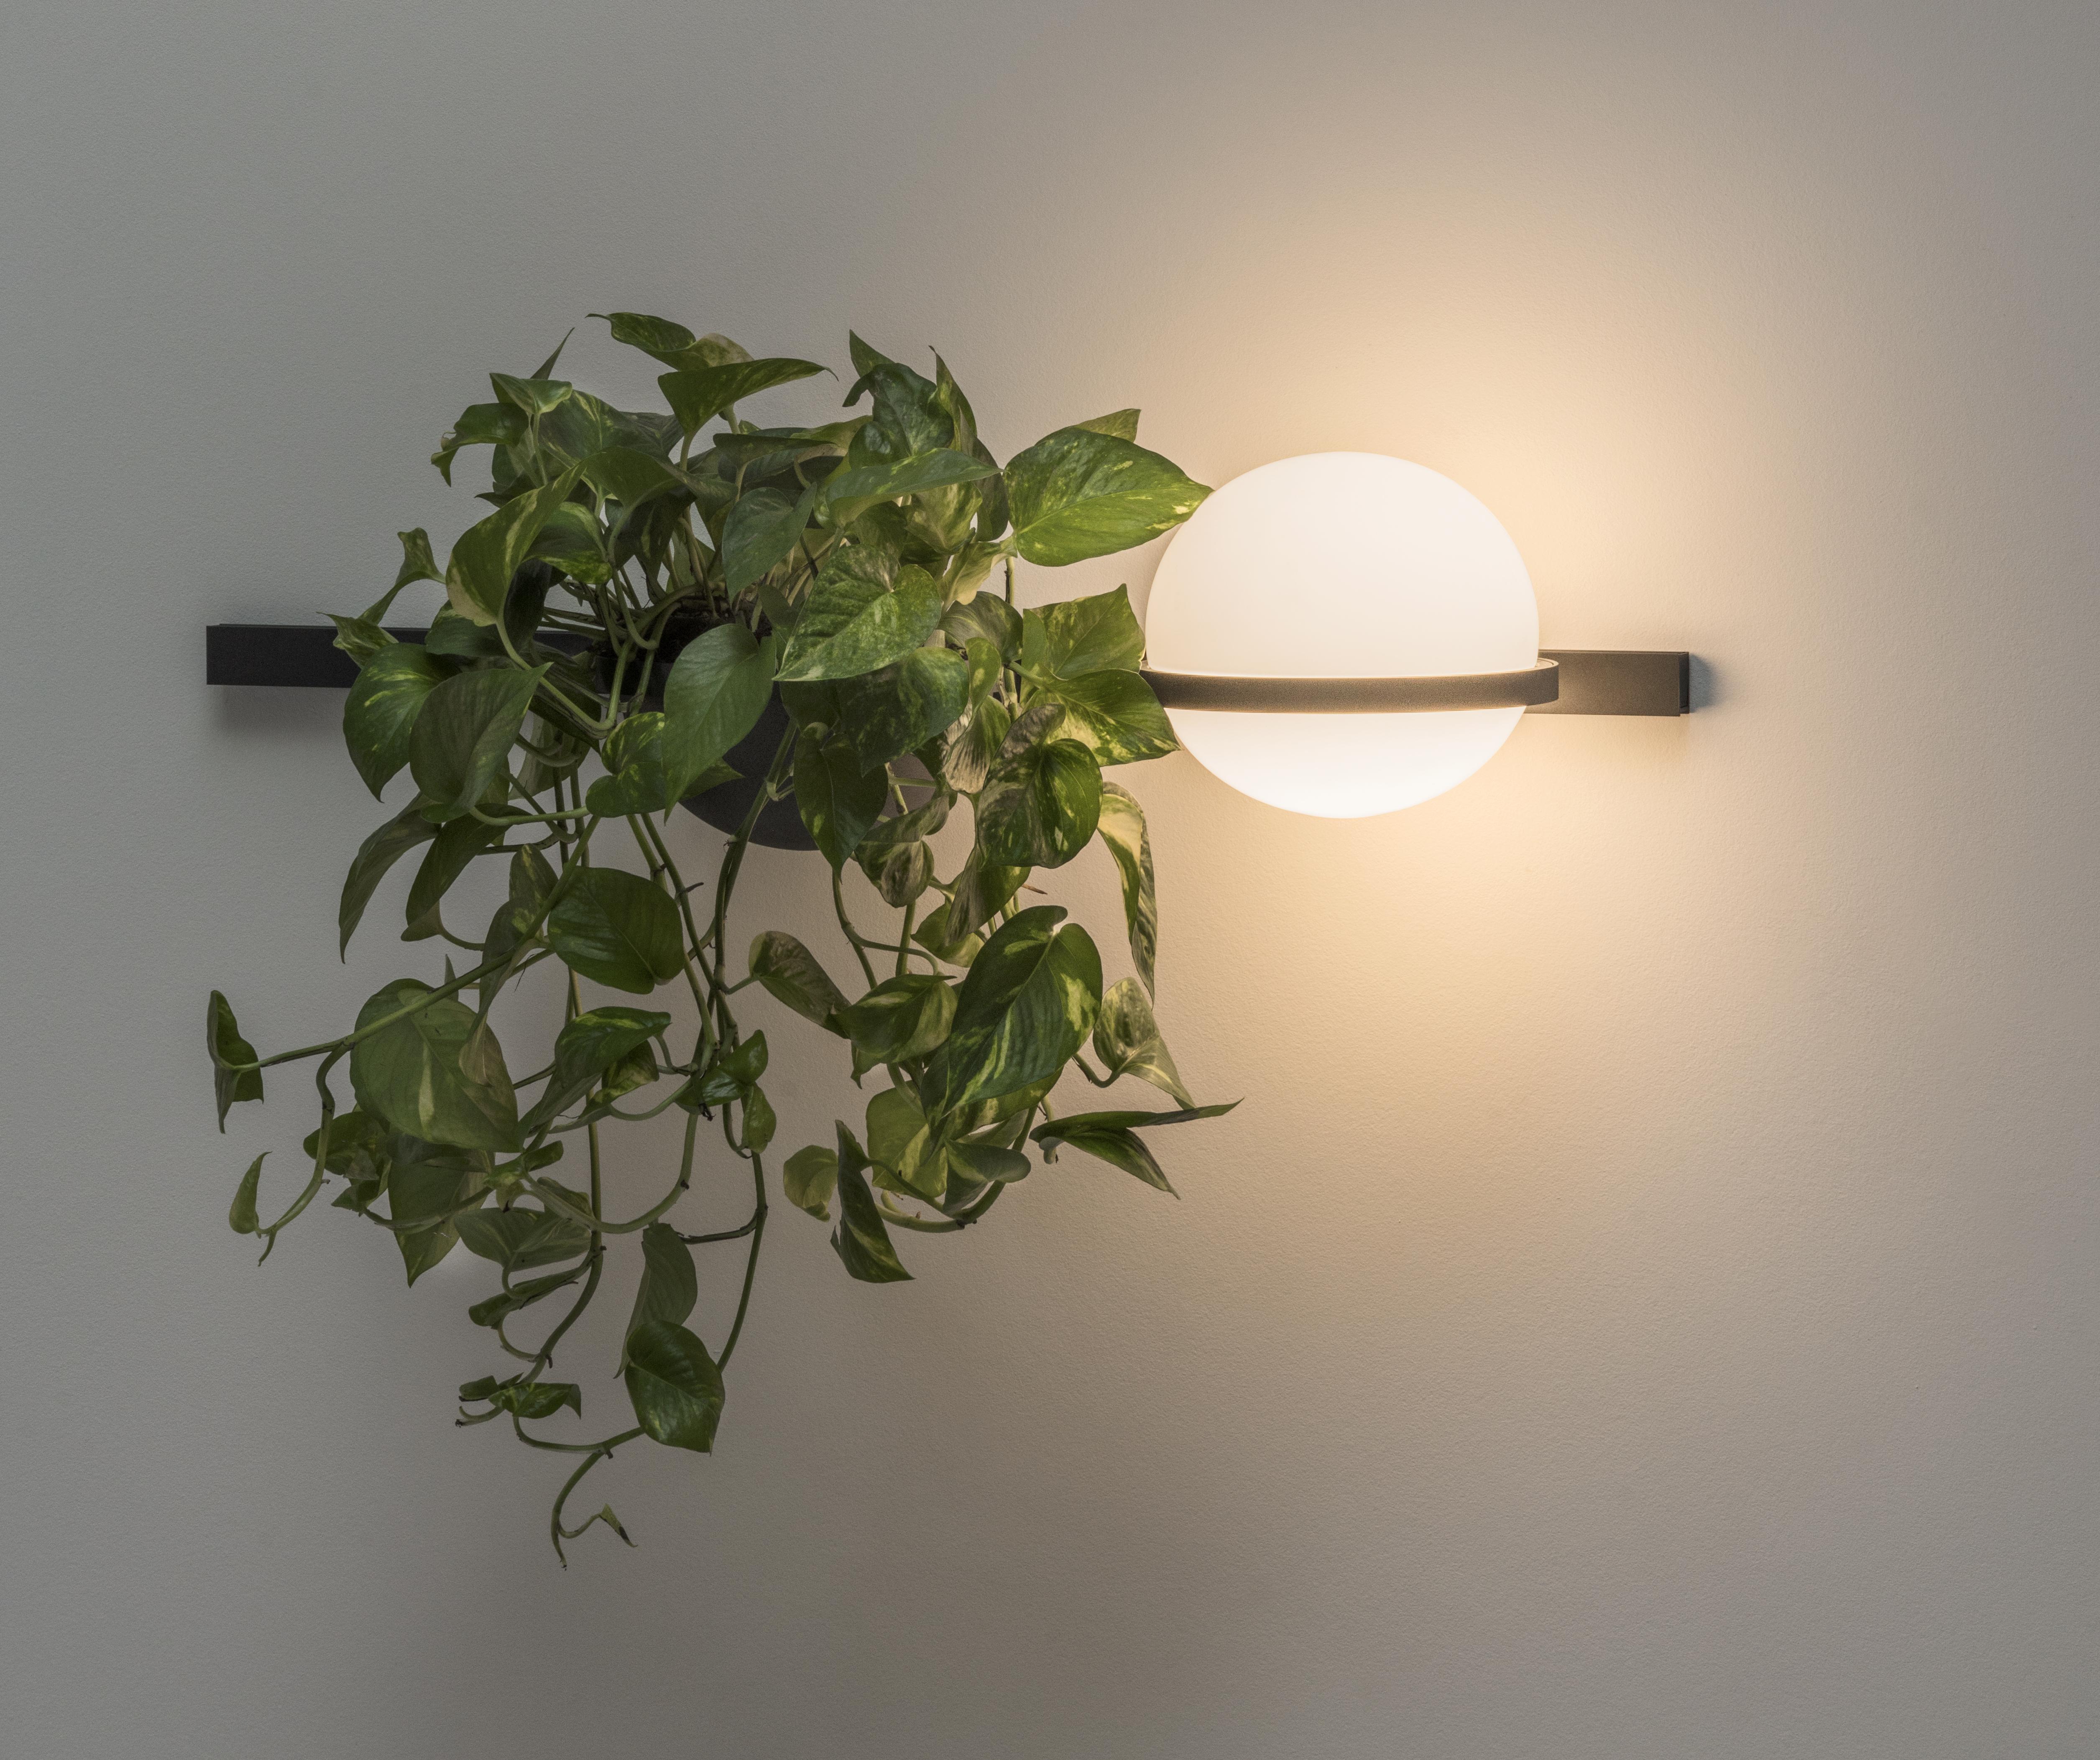 Seinavalgusti Palma LED 4,6W 576.51lm 2700K CRI>90, 1-10V hämardatav, puhutud opaalklaas / grafiithall alumiinium